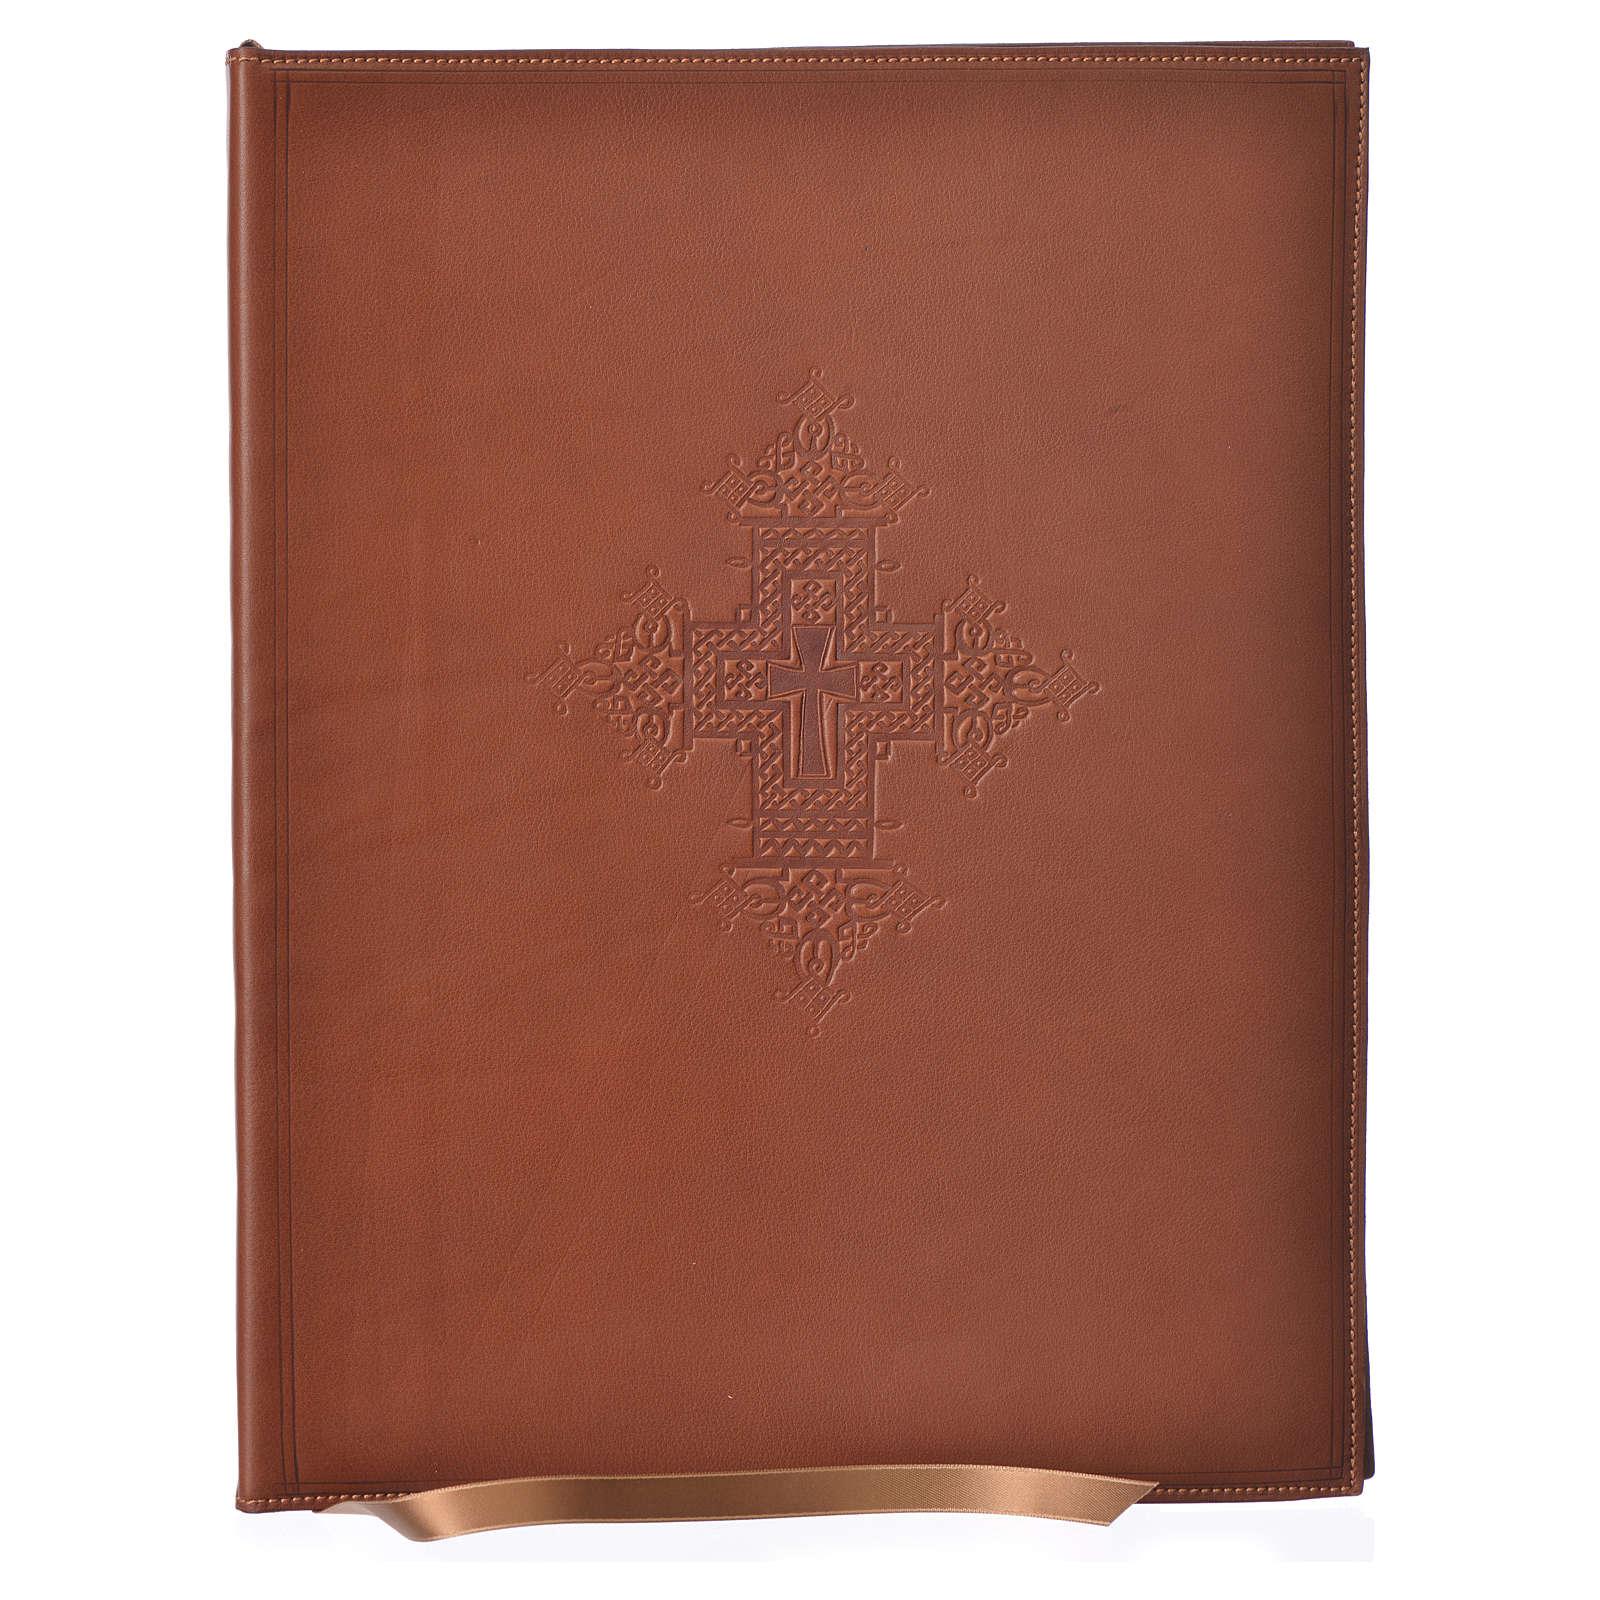 Custodia portariti A4 croce impressa marrone Bethléem 4